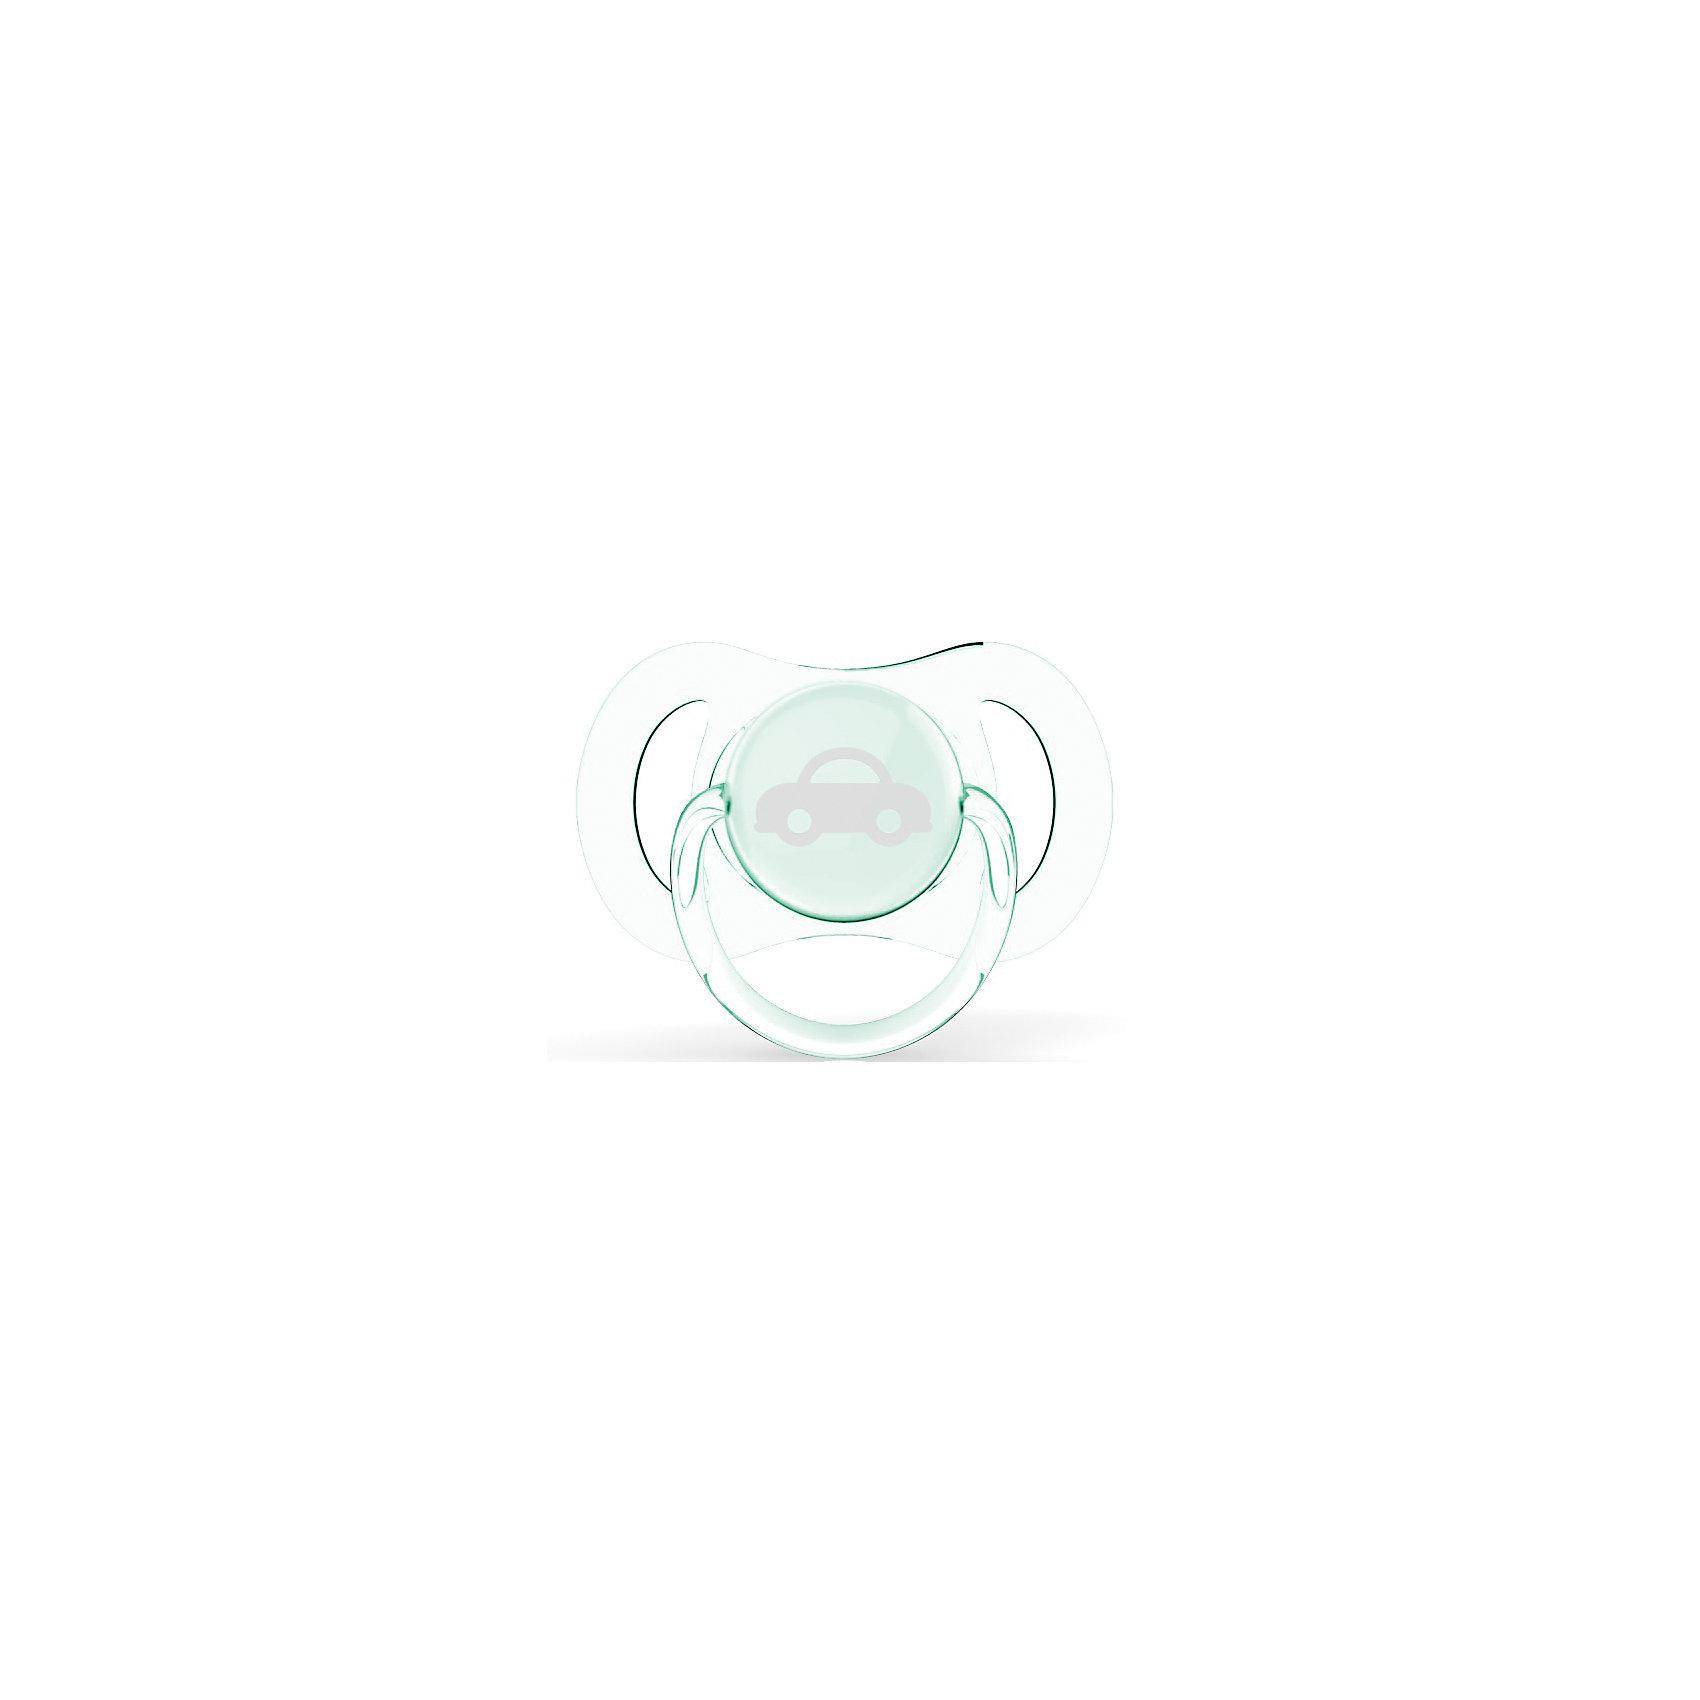 Силиконовая пустышка мини для мальчика, 0-2 мес., Avent, 2 шт, AVENT от myToys